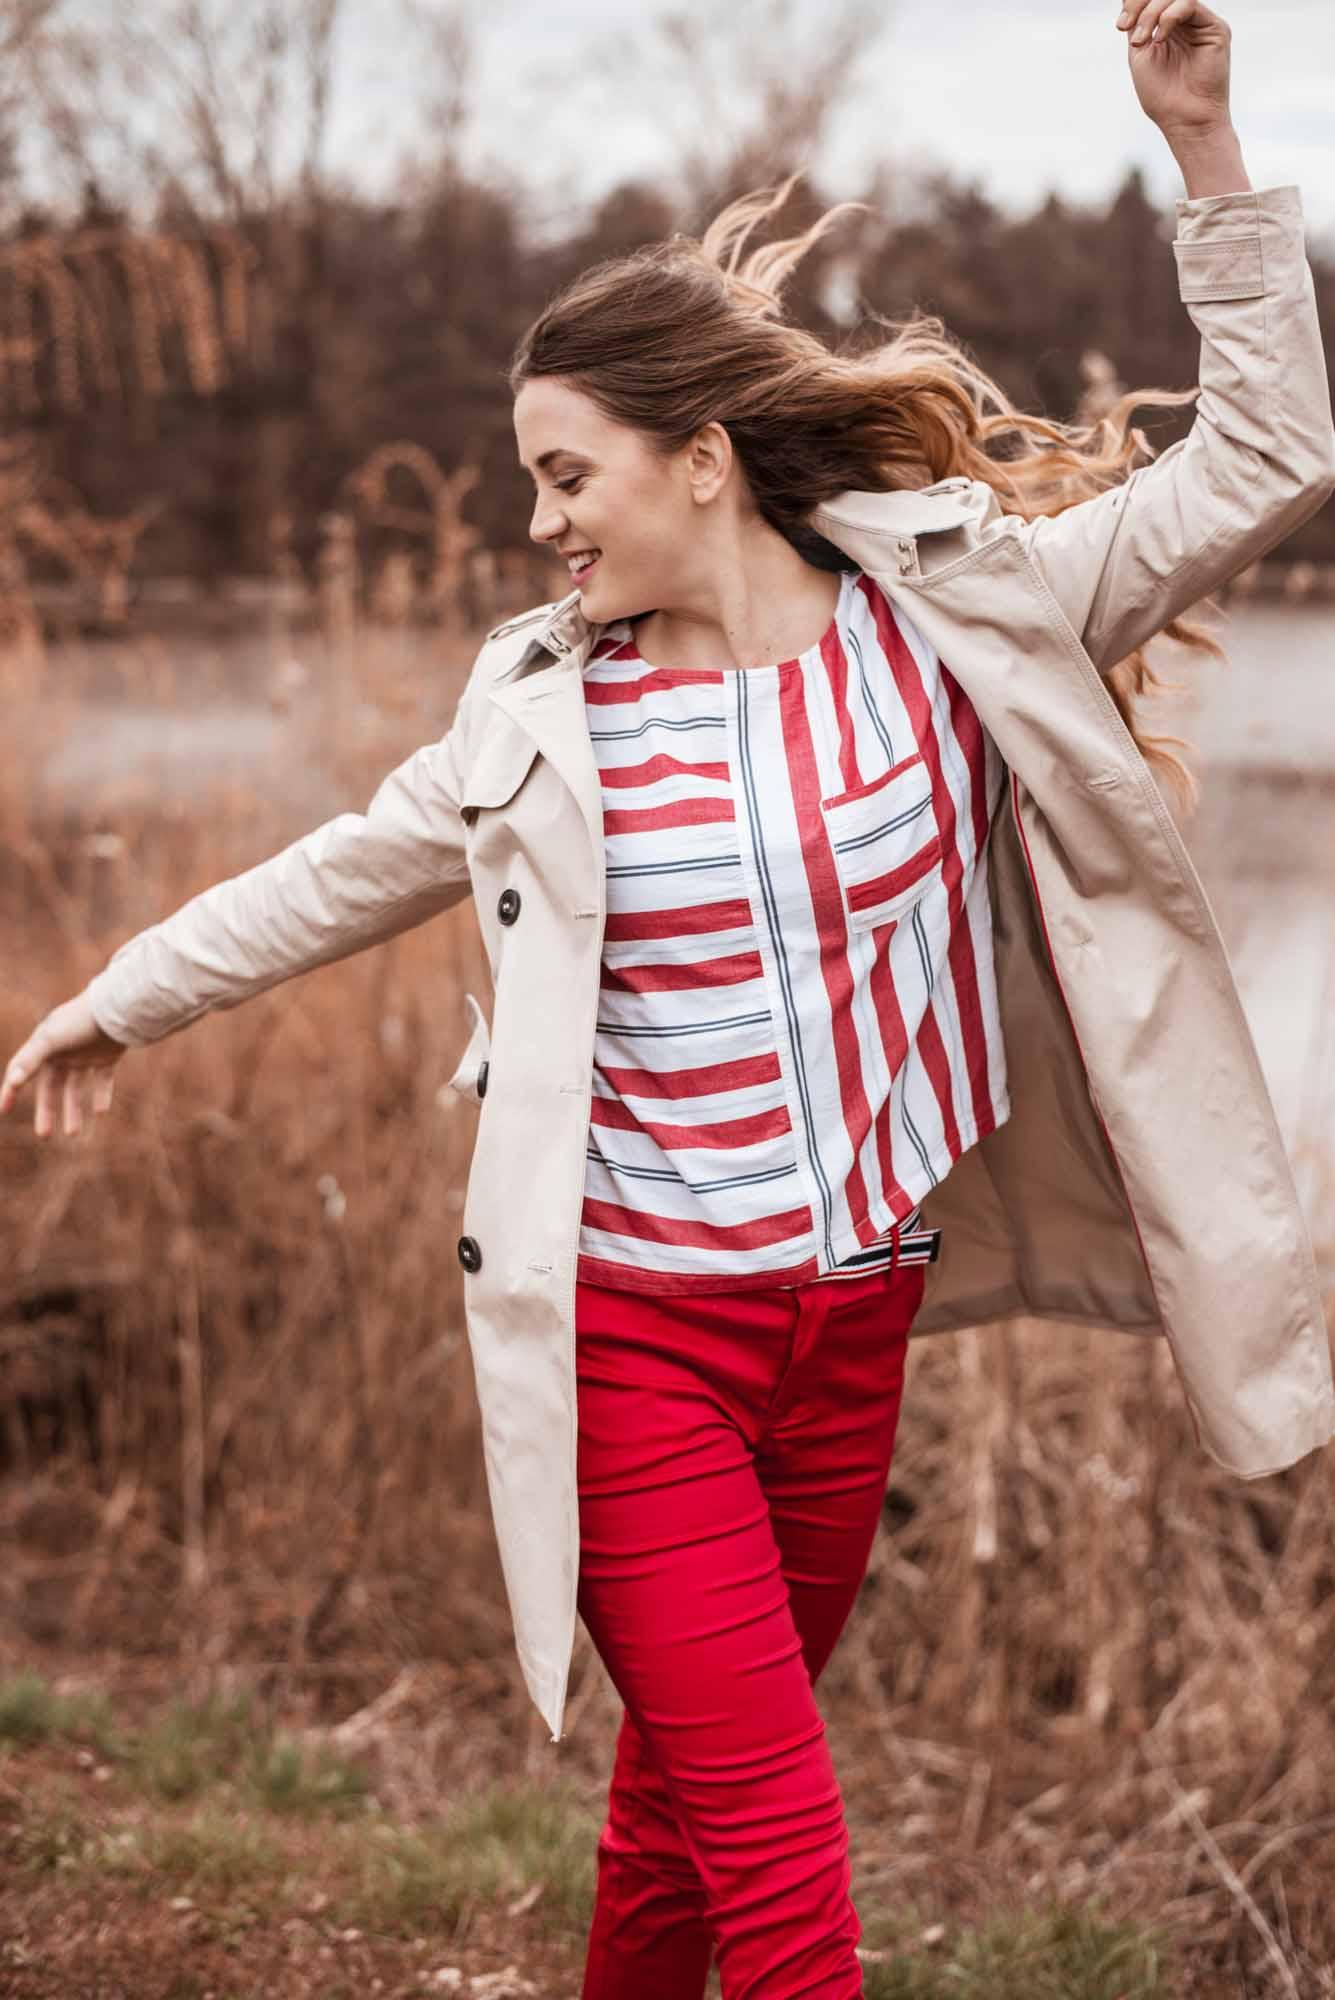 Bluza Esprit  35.99 €  Marx hlače  39.99 €  Trenčkot Esprit  99.99 €